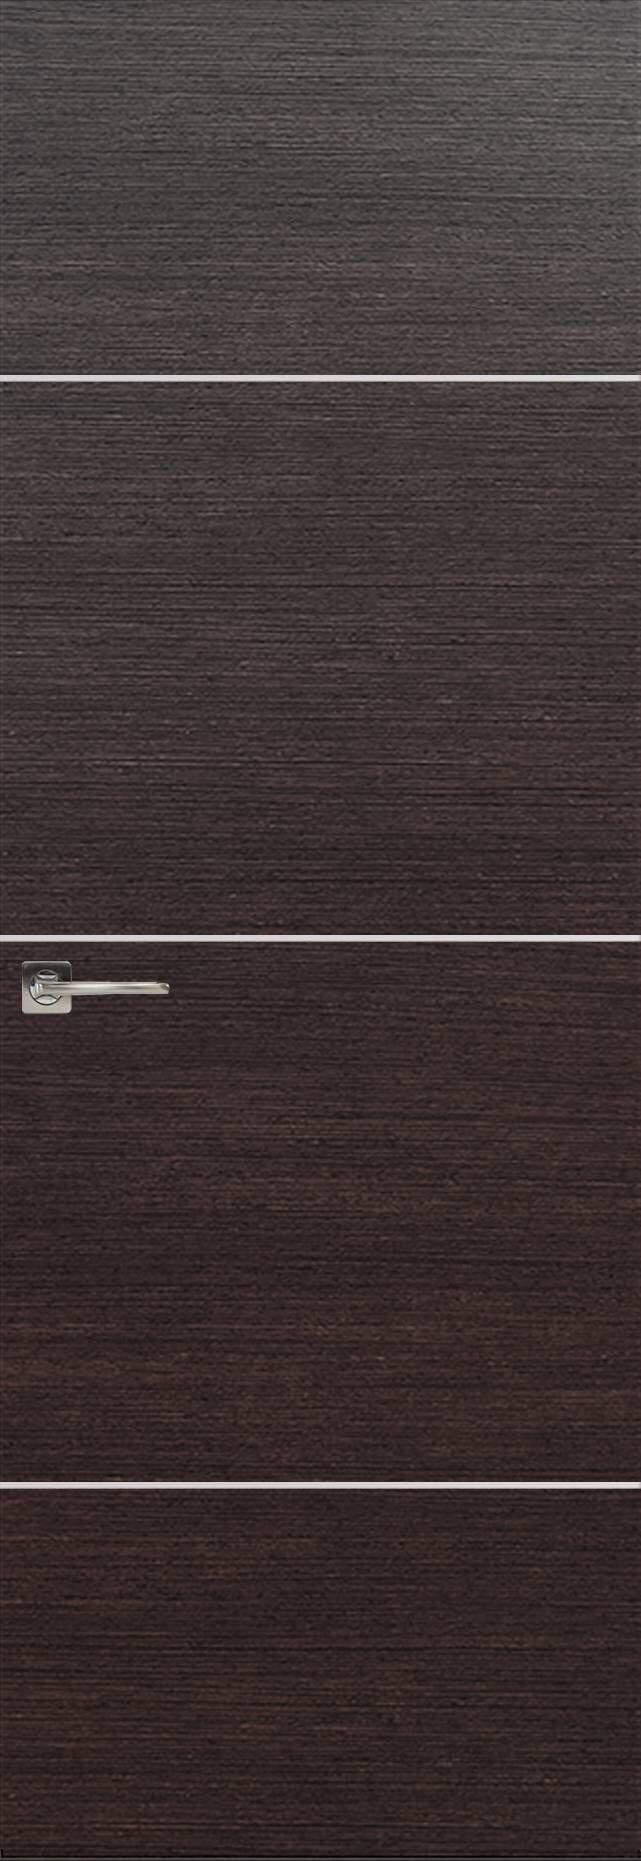 Tivoli Г-3 Invisible цвет - Венге Шоколад Без стекла (ДГ)